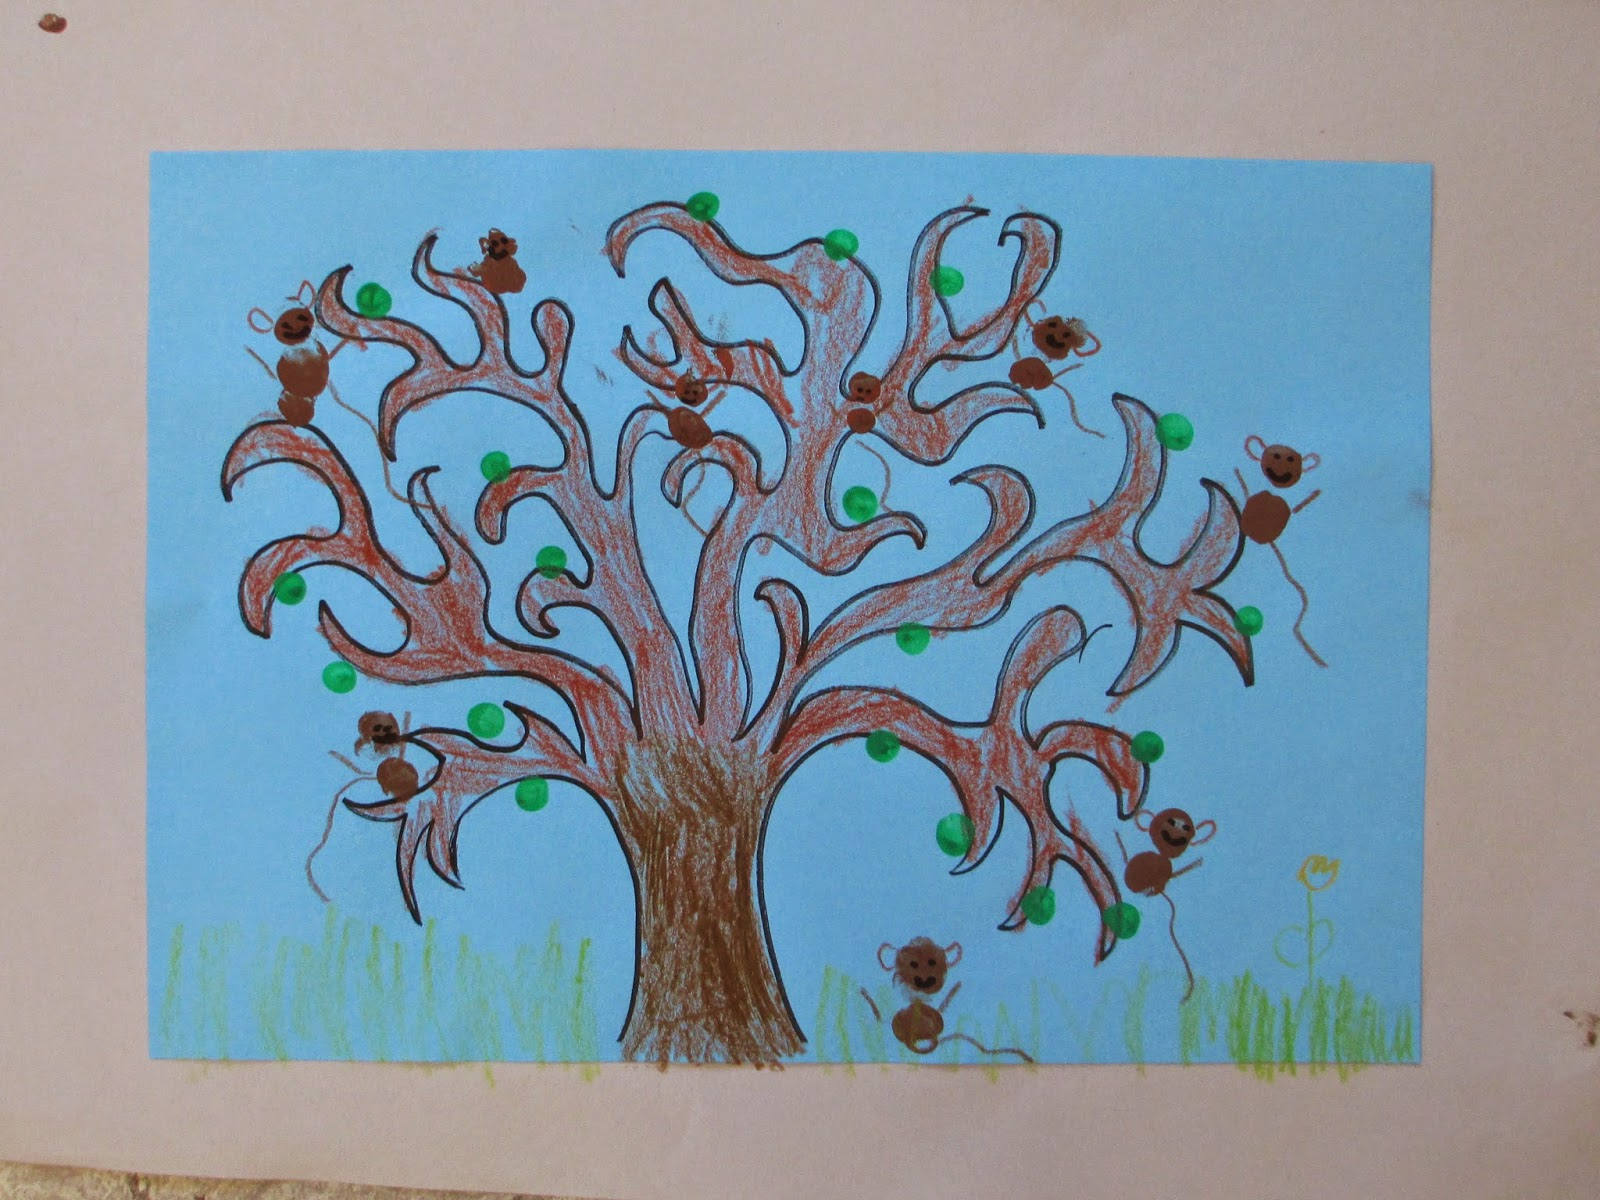 Affenbande zeichnen basteln mit Kindern